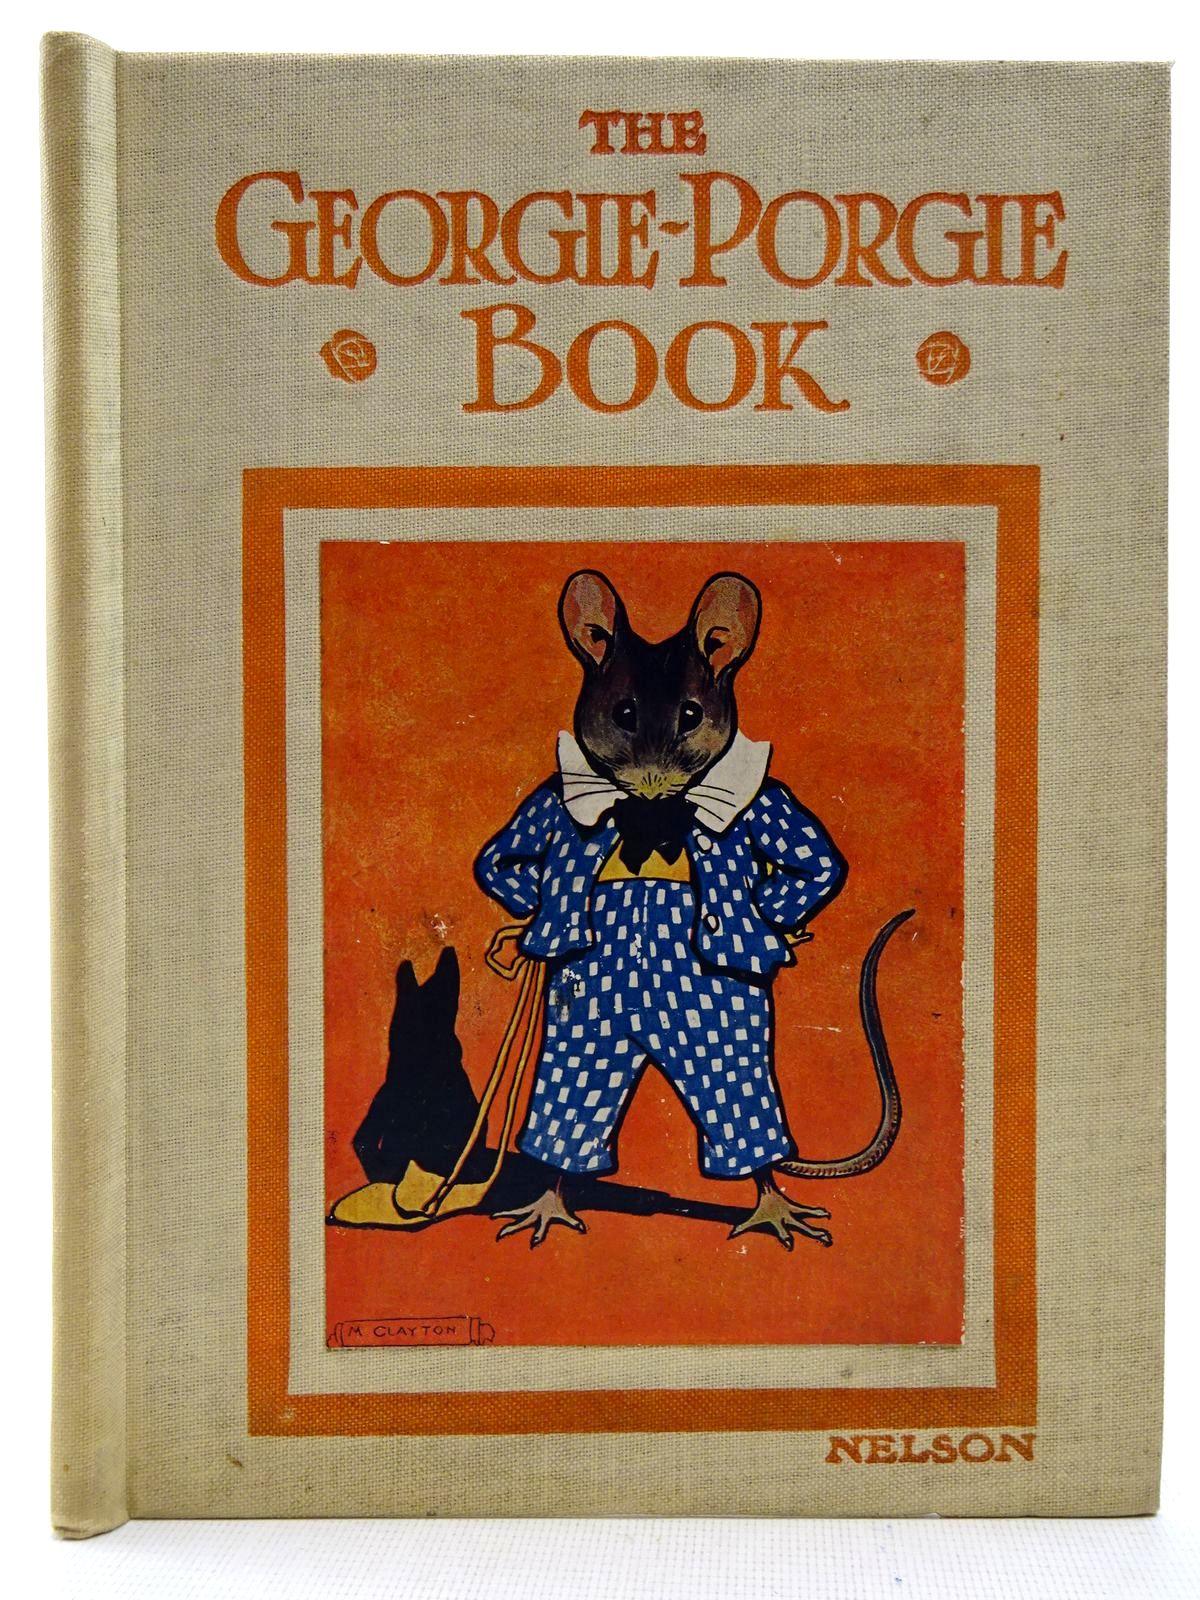 Photo of THE GEORGIE-PORGIE BOOK- Stock Number: 2128677